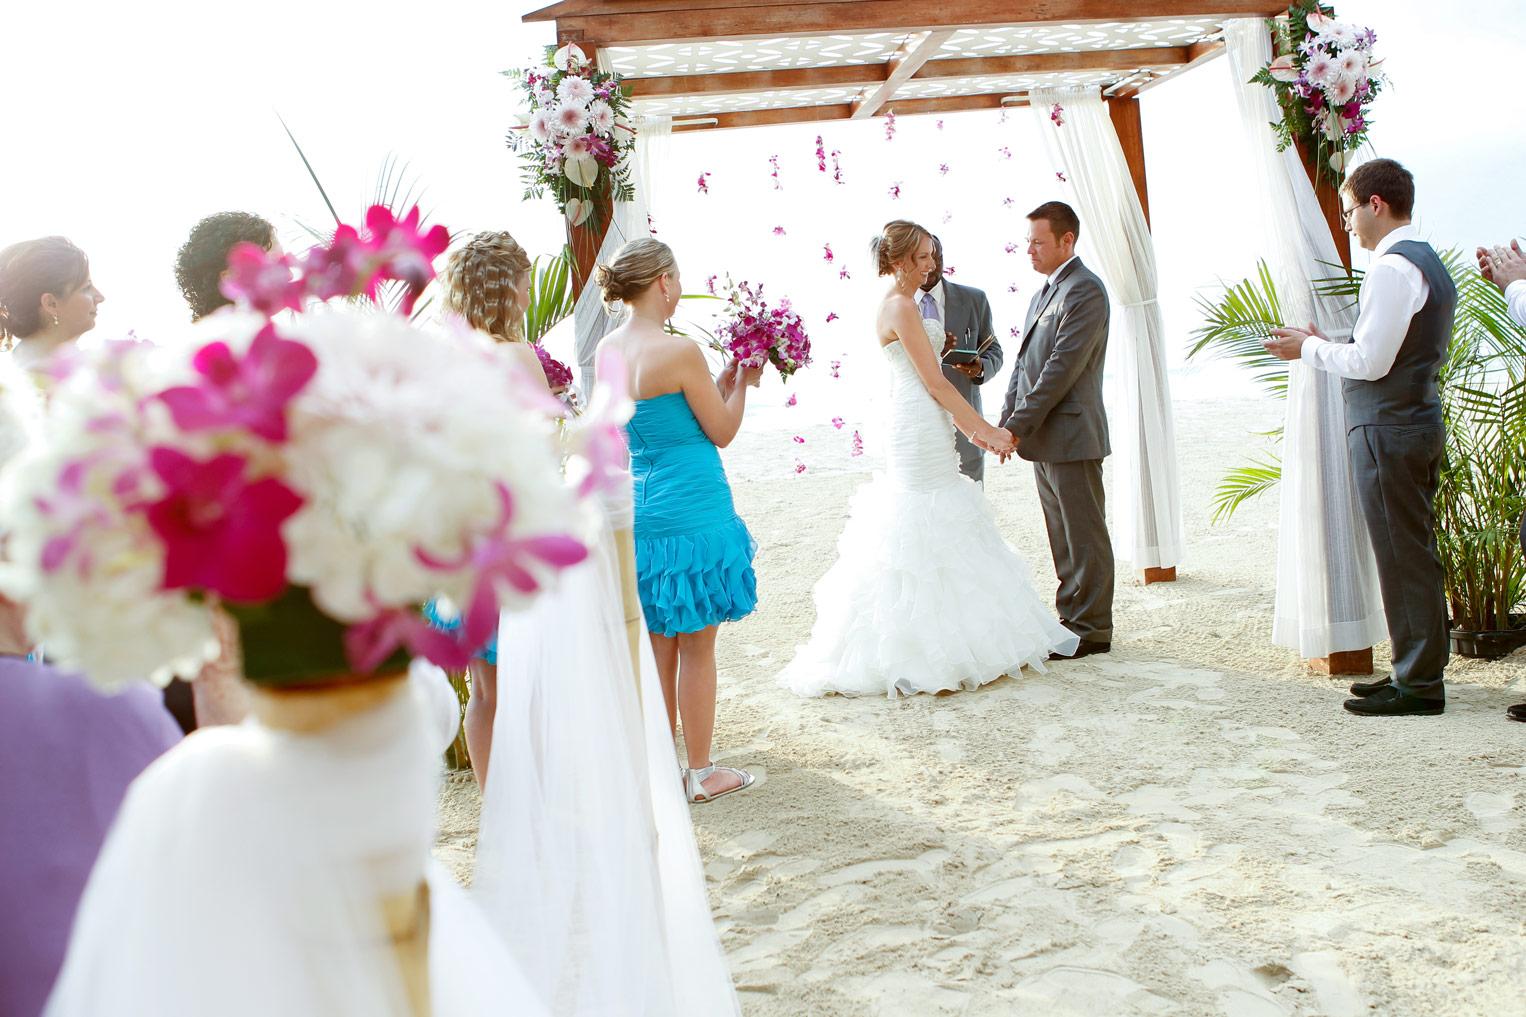 jamaica-milwaukee-destination-wedding-ruthie-hauge-photography-31.jpg